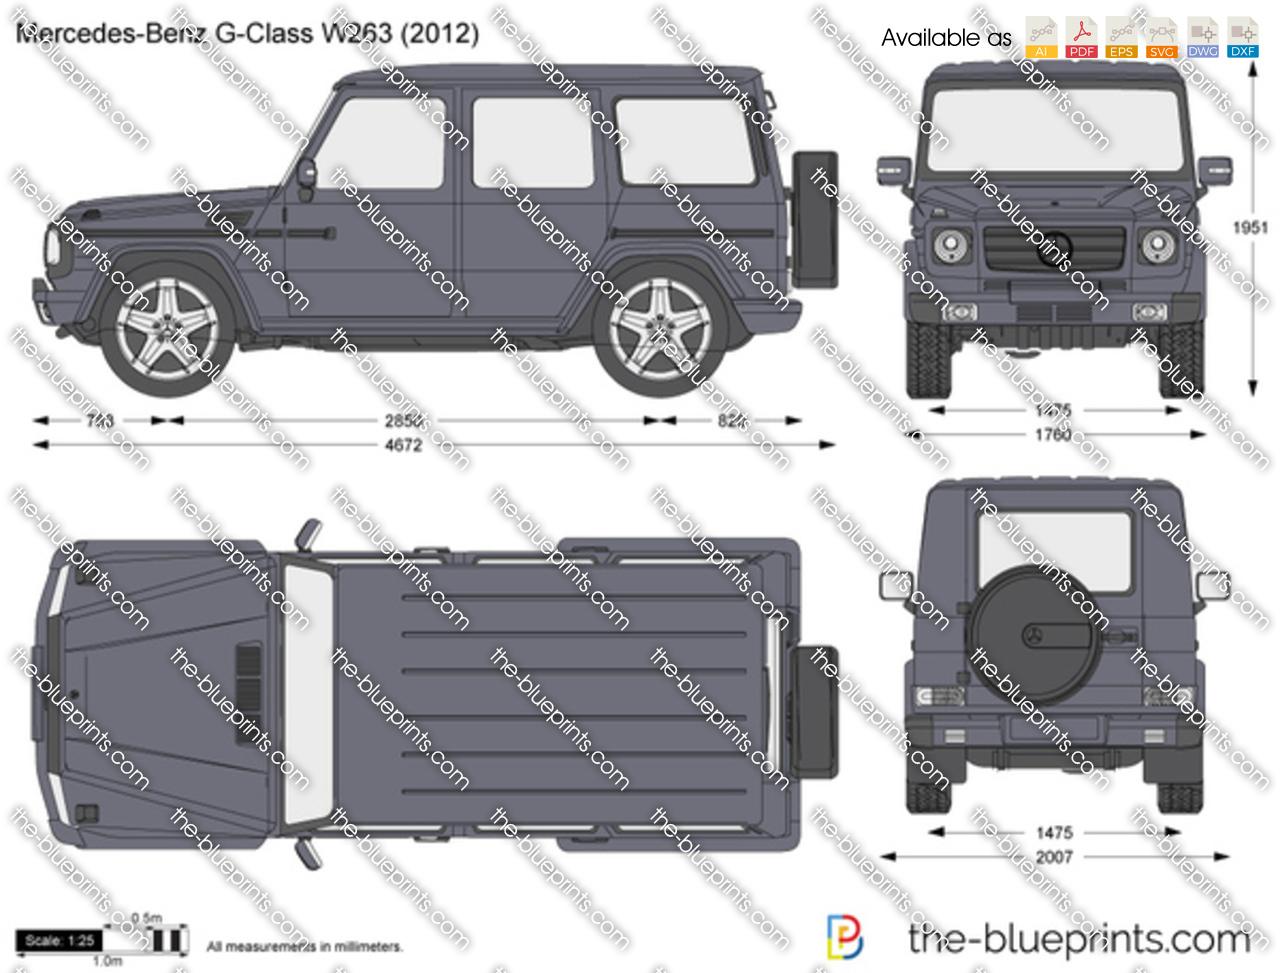 Mercedes-Benz G-Class W263 2015